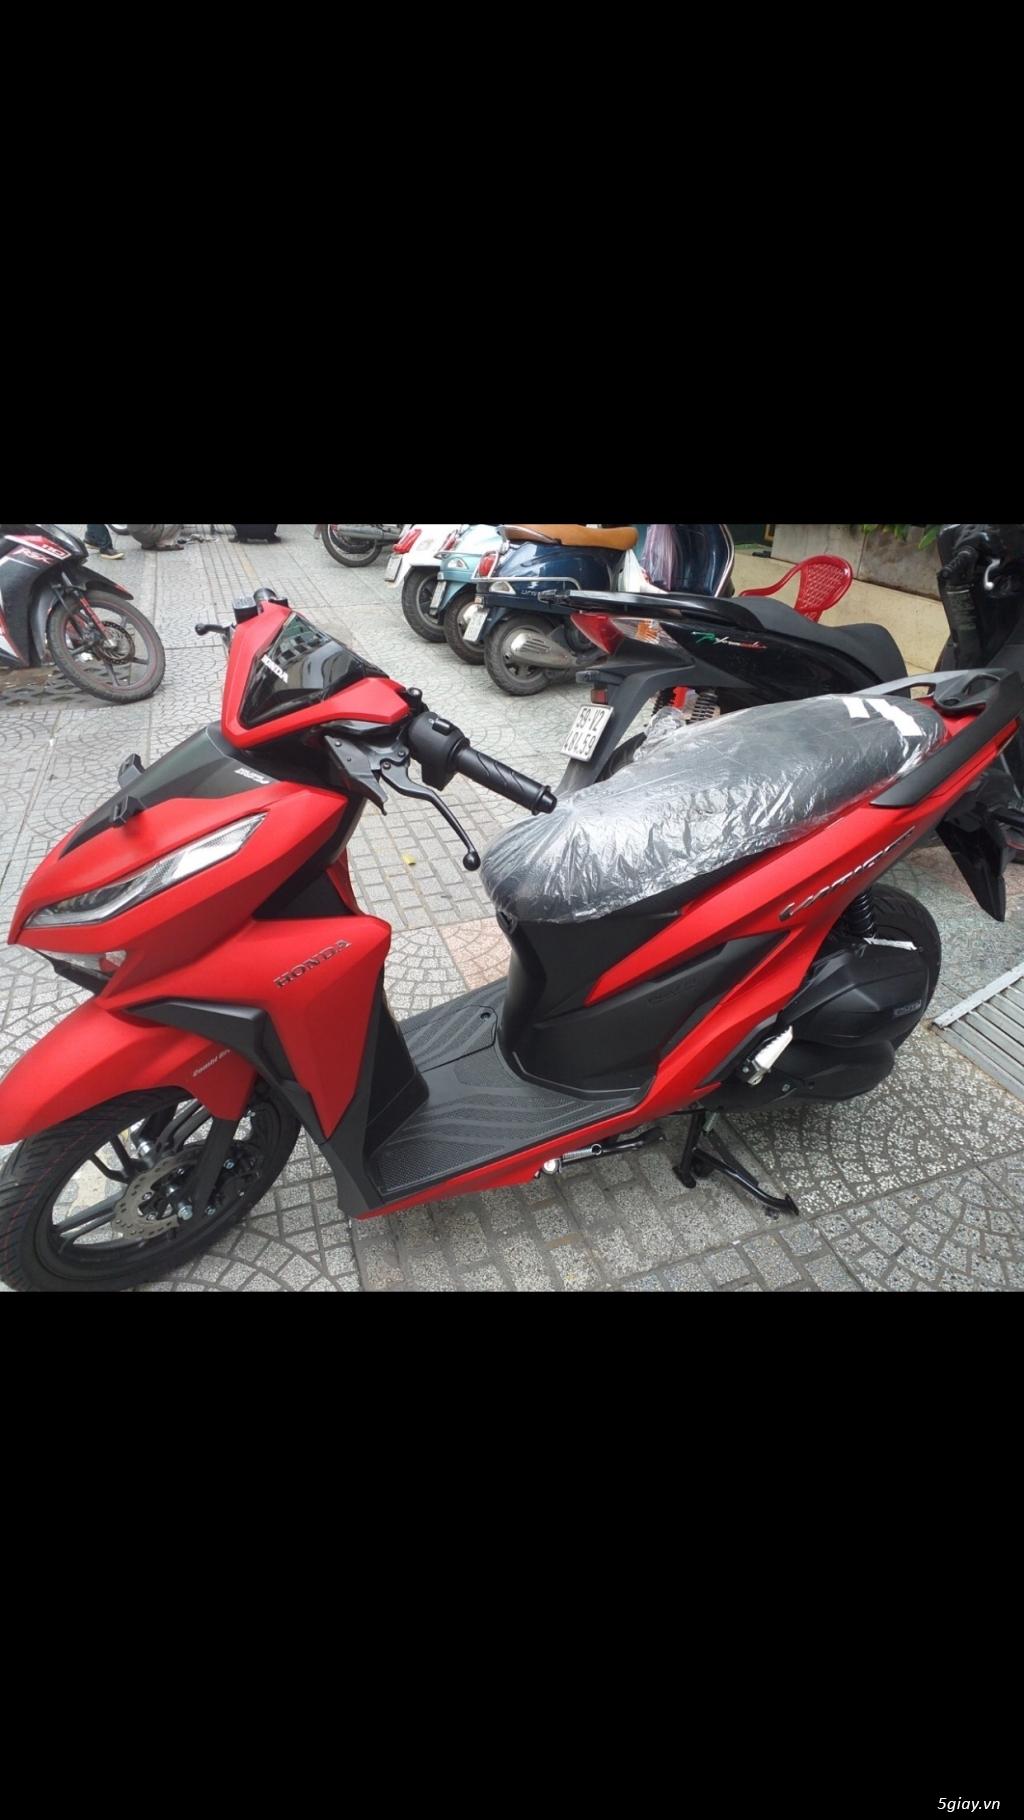 Thái&Trâm bán xe Tay Ga các loại (SH,Piaggo ..) xe bao đẹp, giá tốt. THU MUA XE SH,PIAGGO giá cao - 22